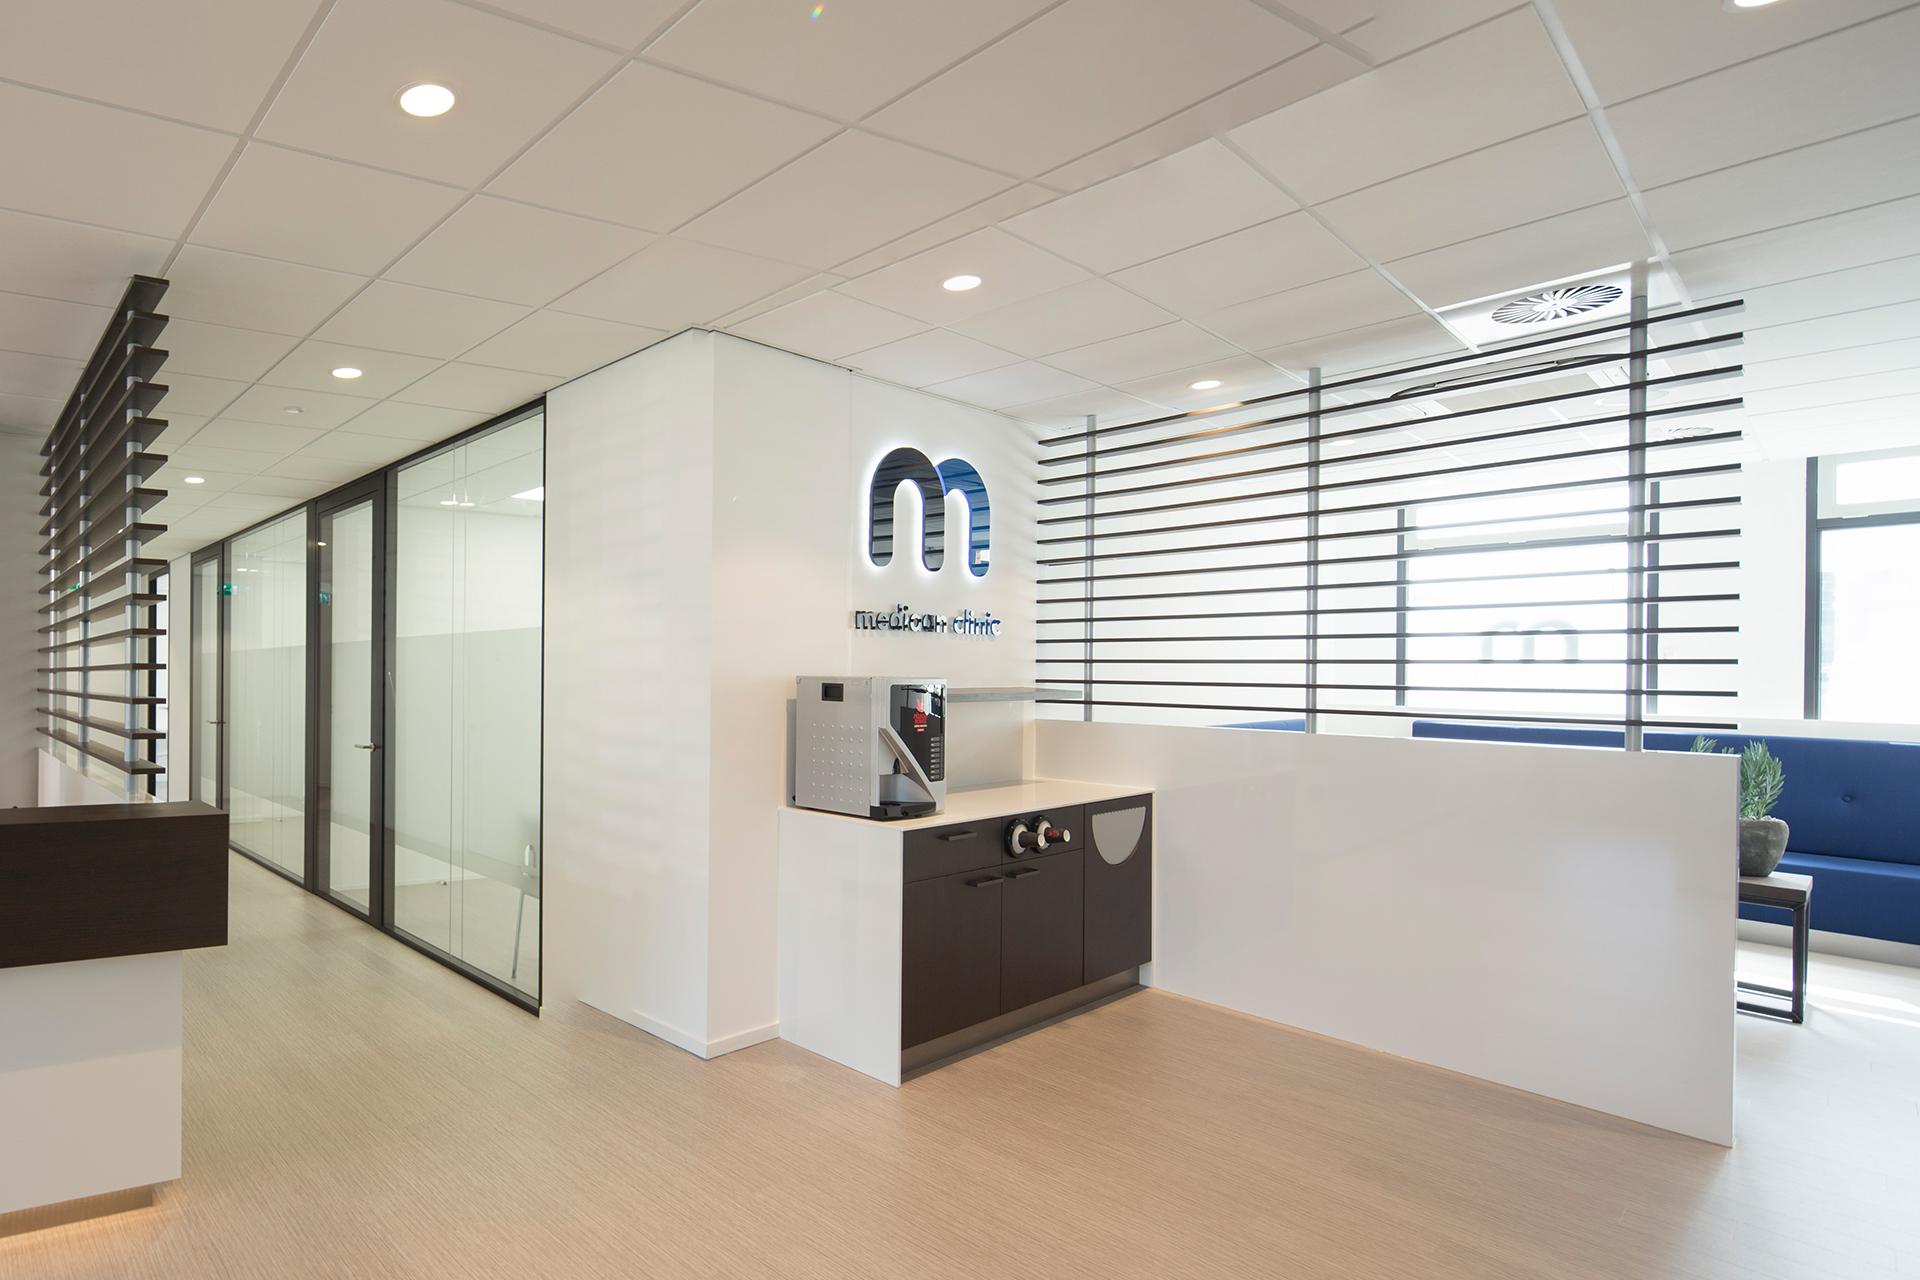 Mediaan clinic Heerhugowaard